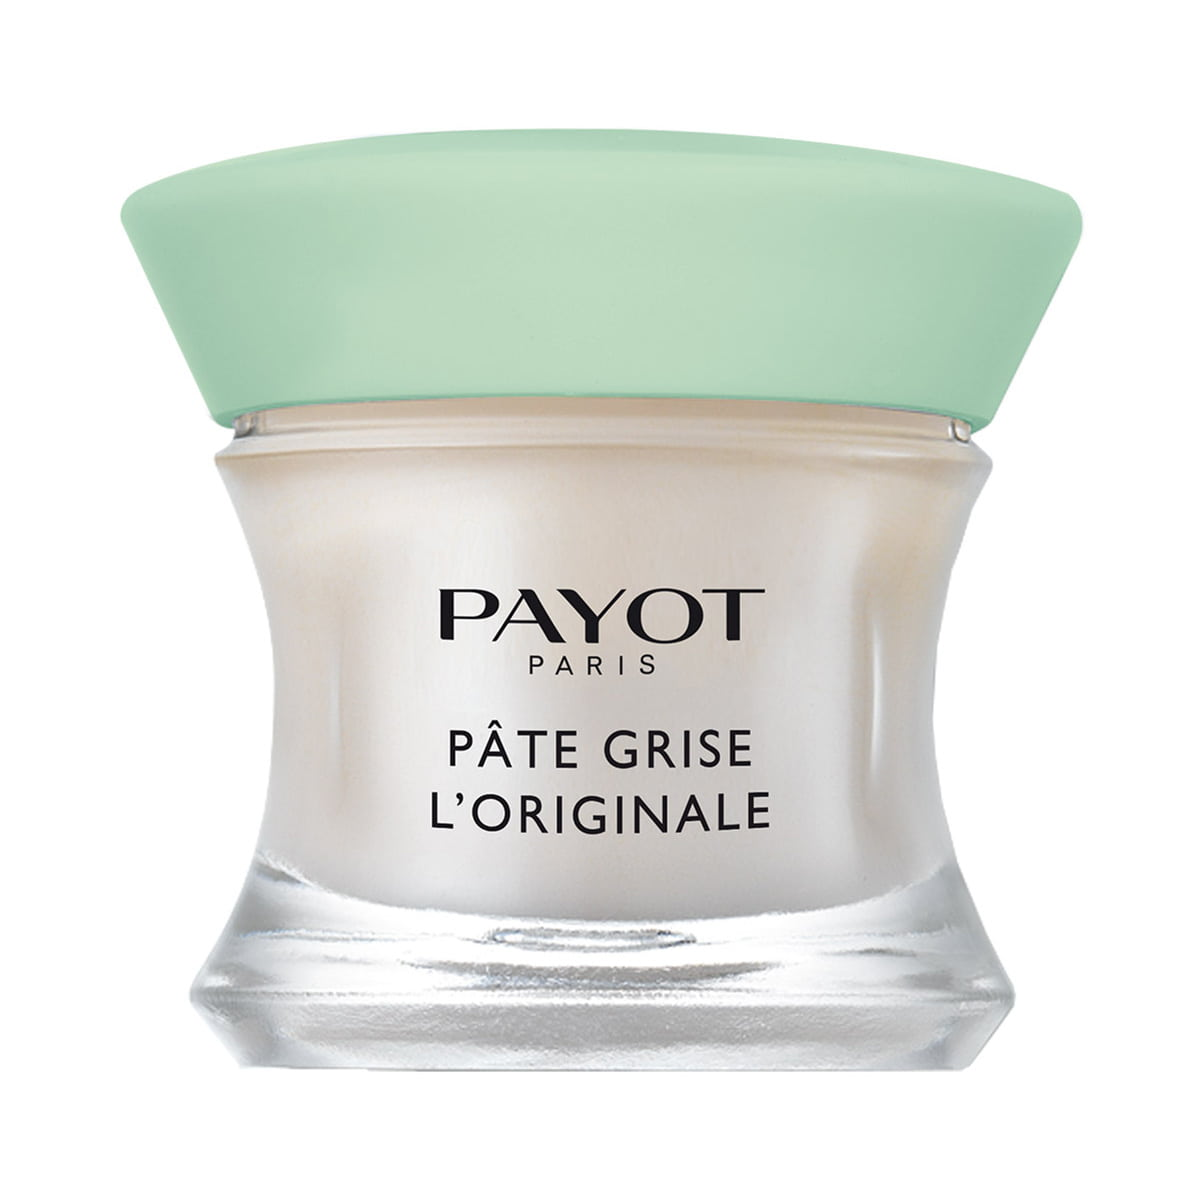 Payot - Pâte Grise L'Originale - Le soin culte anti-imperfections